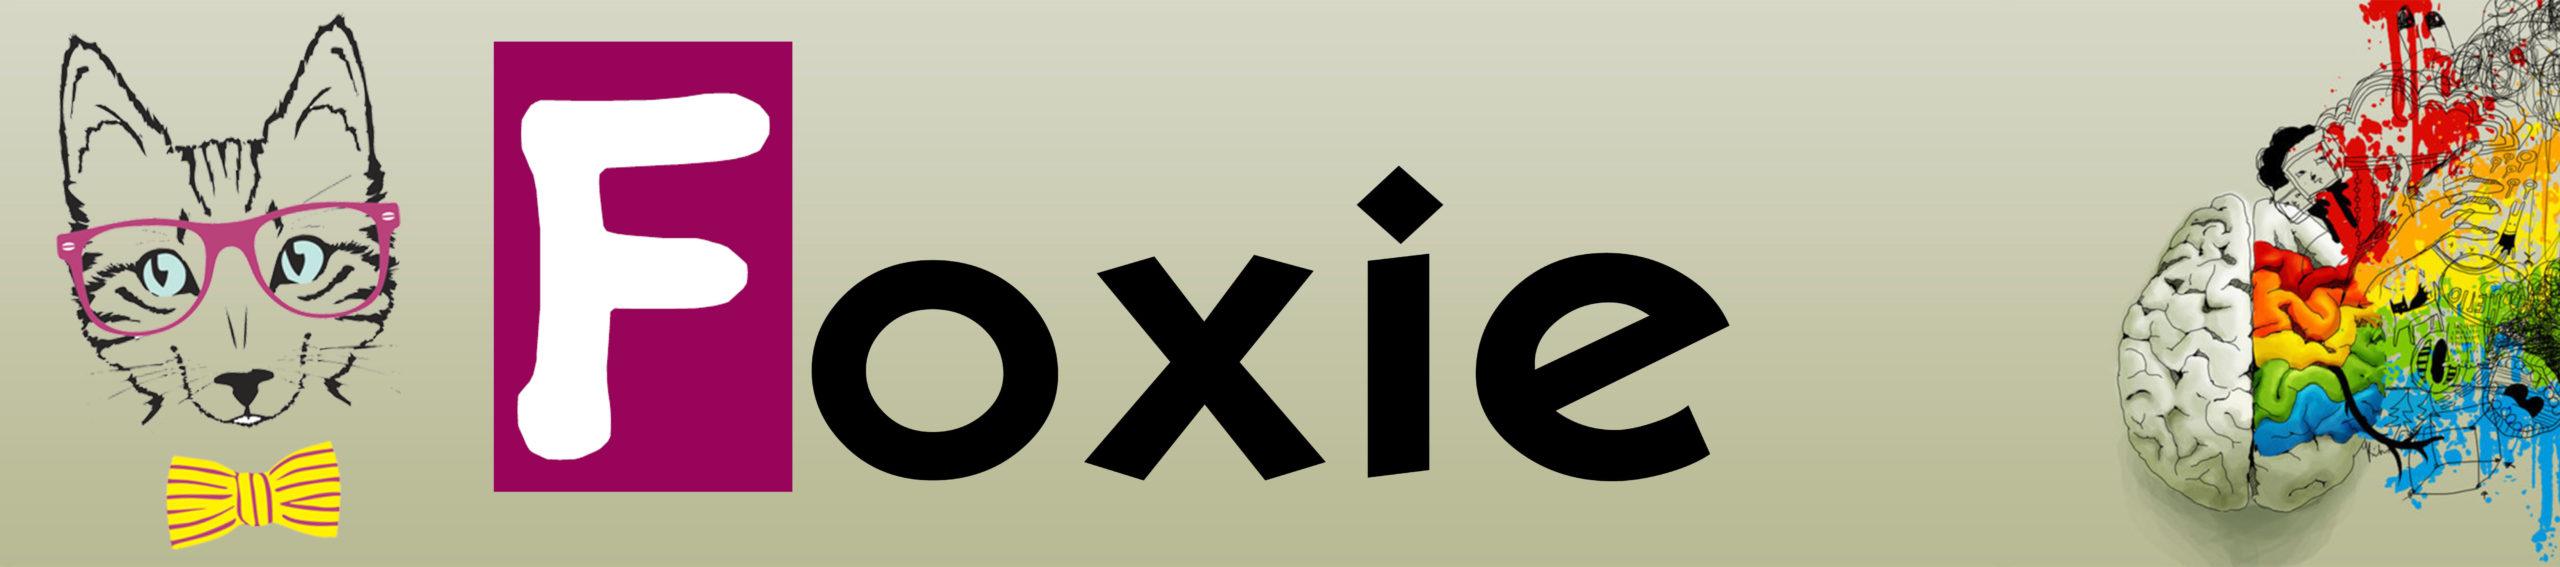 Foxie.info